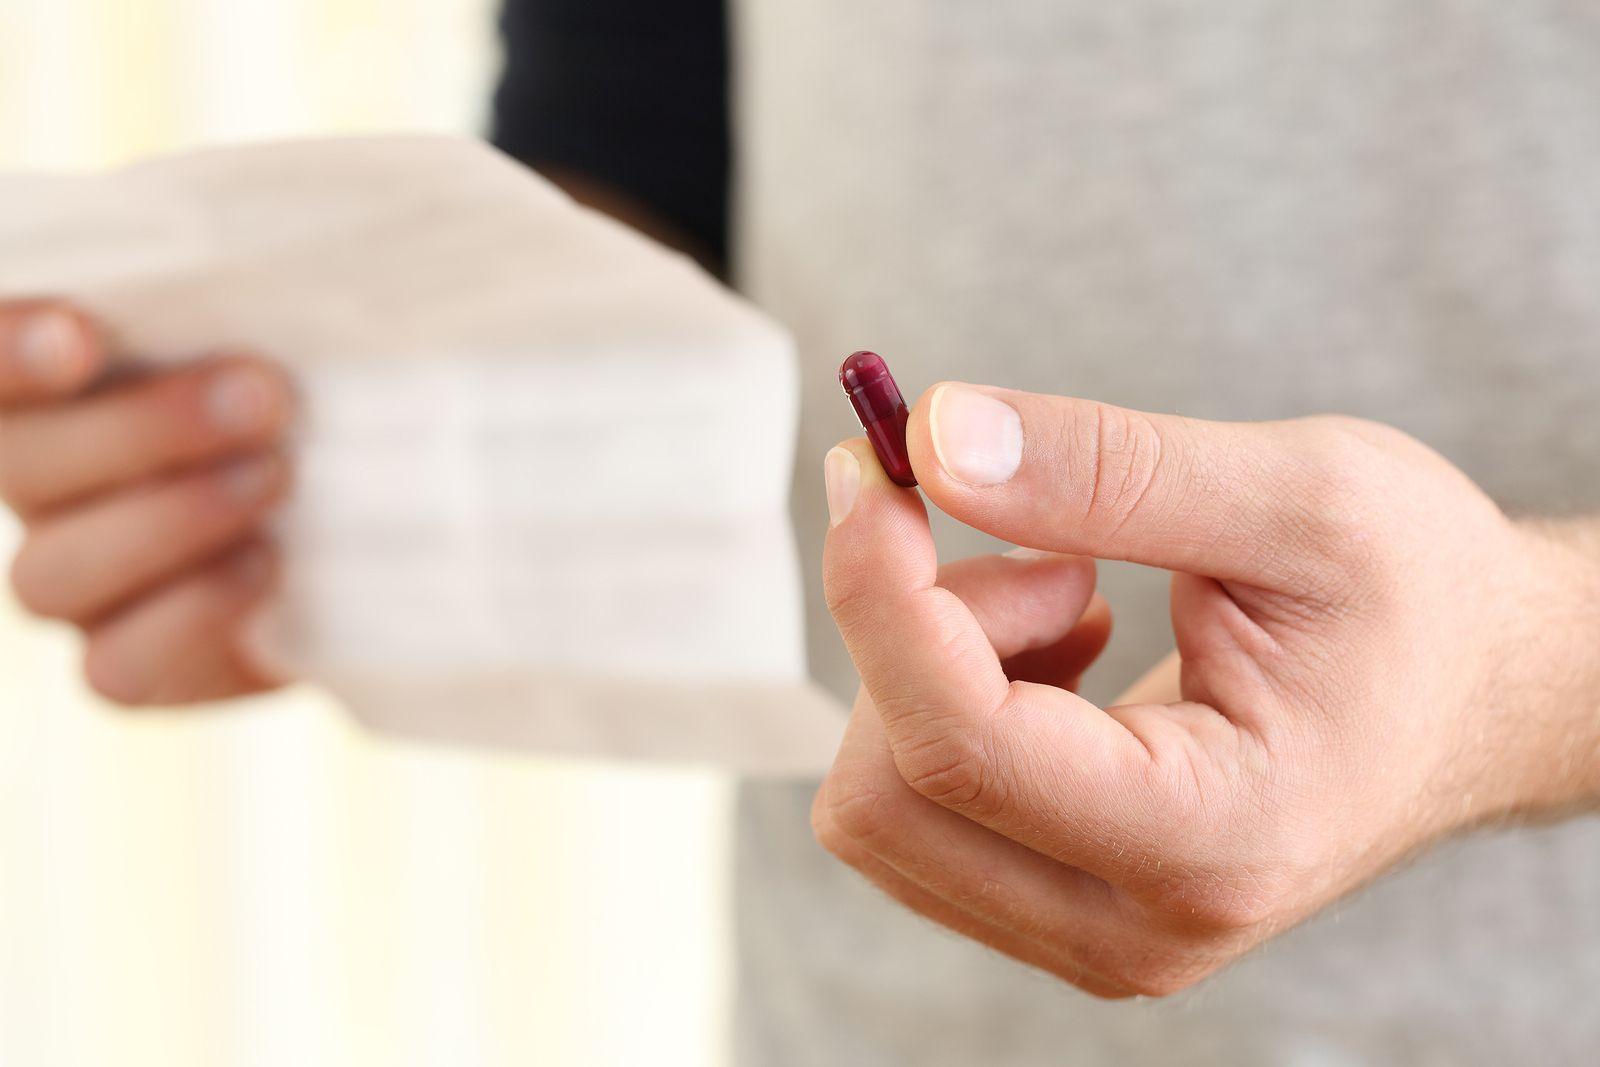 Hombre leyendo instrucciones para tomar dinitrato de isosorbida aurax